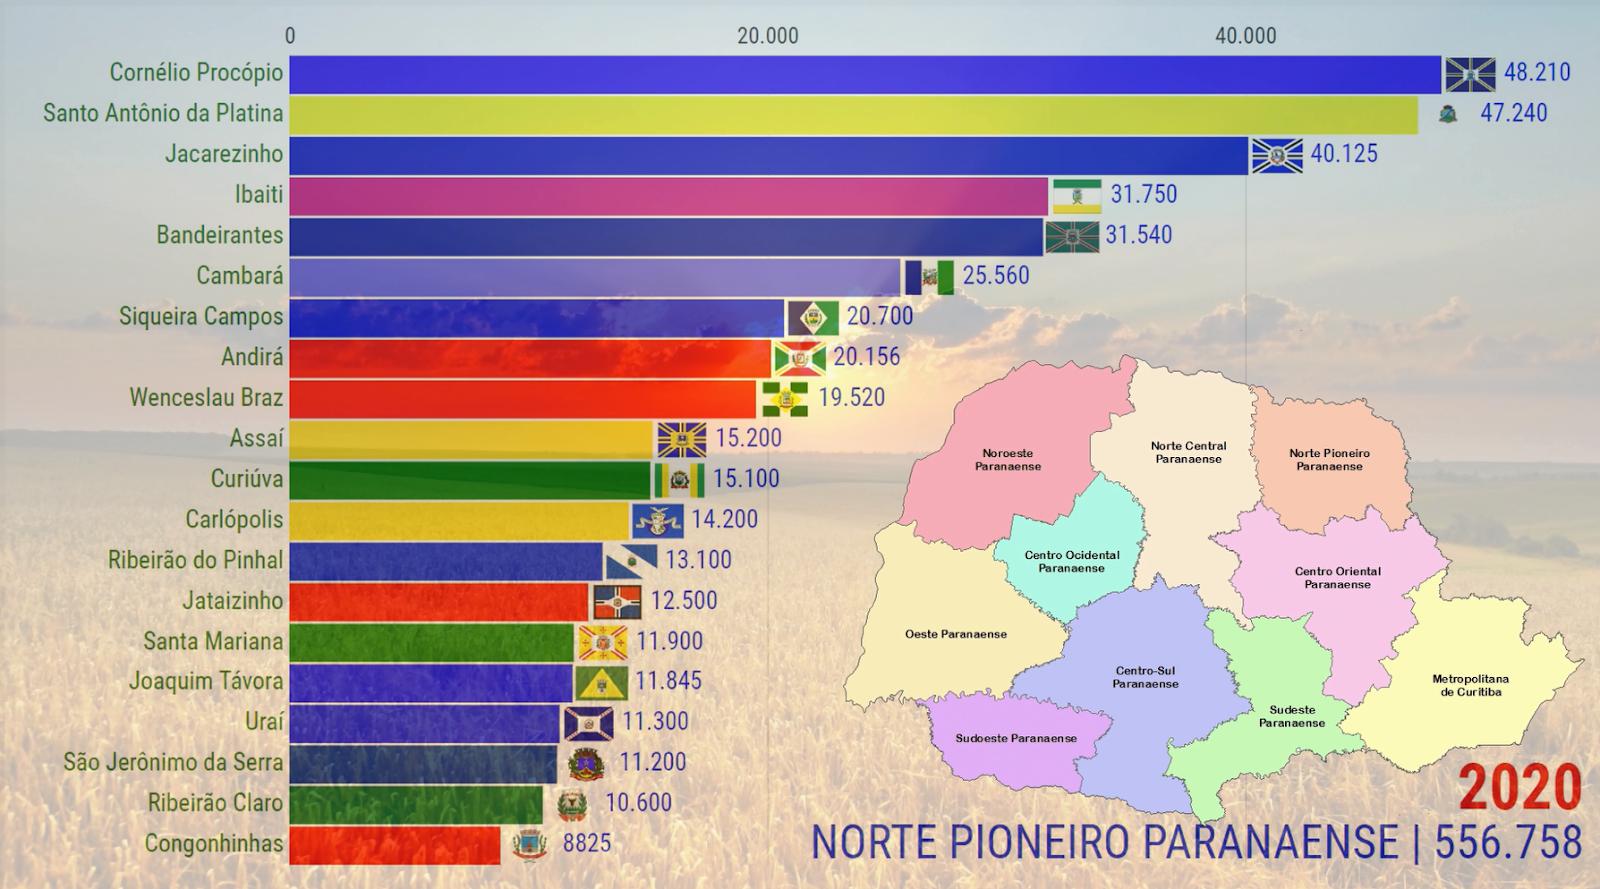 População do Norte Pioneiro Paranaense | Paraná